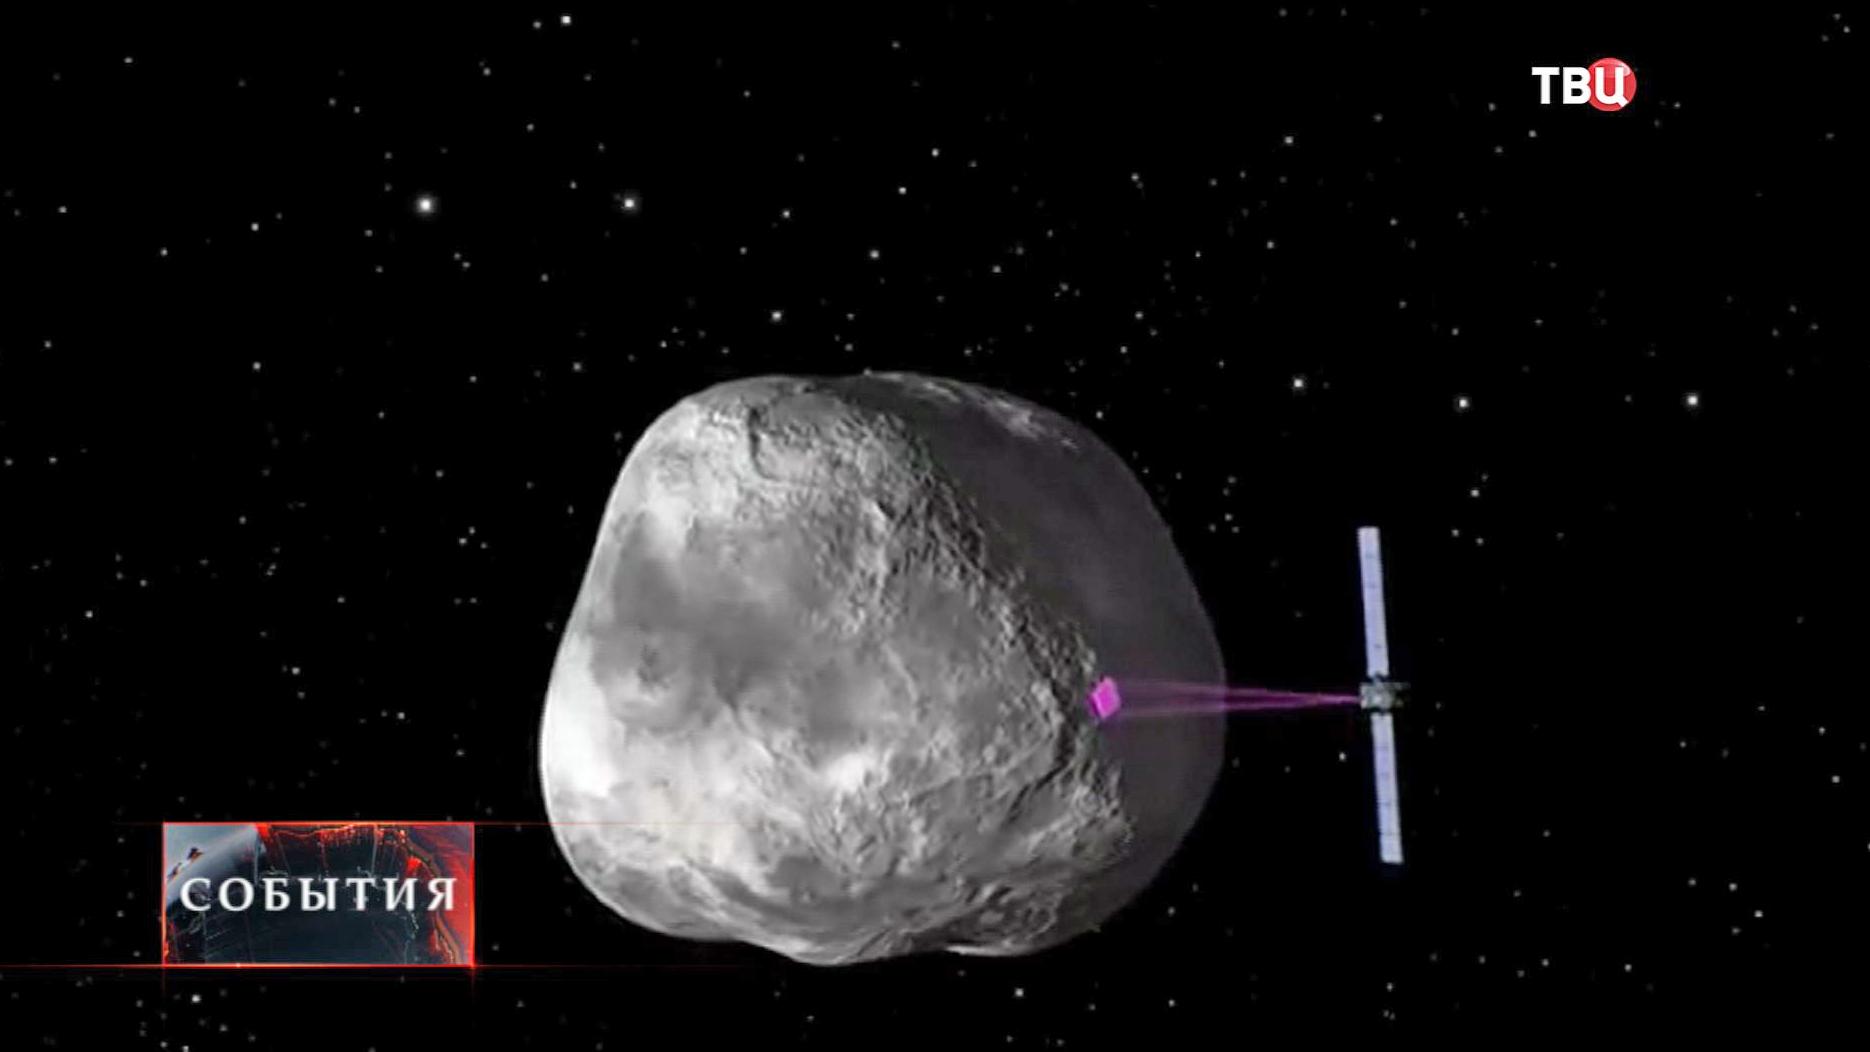 Космический аппарат Rosetta сканирует комету Чурюмова-Герасименко